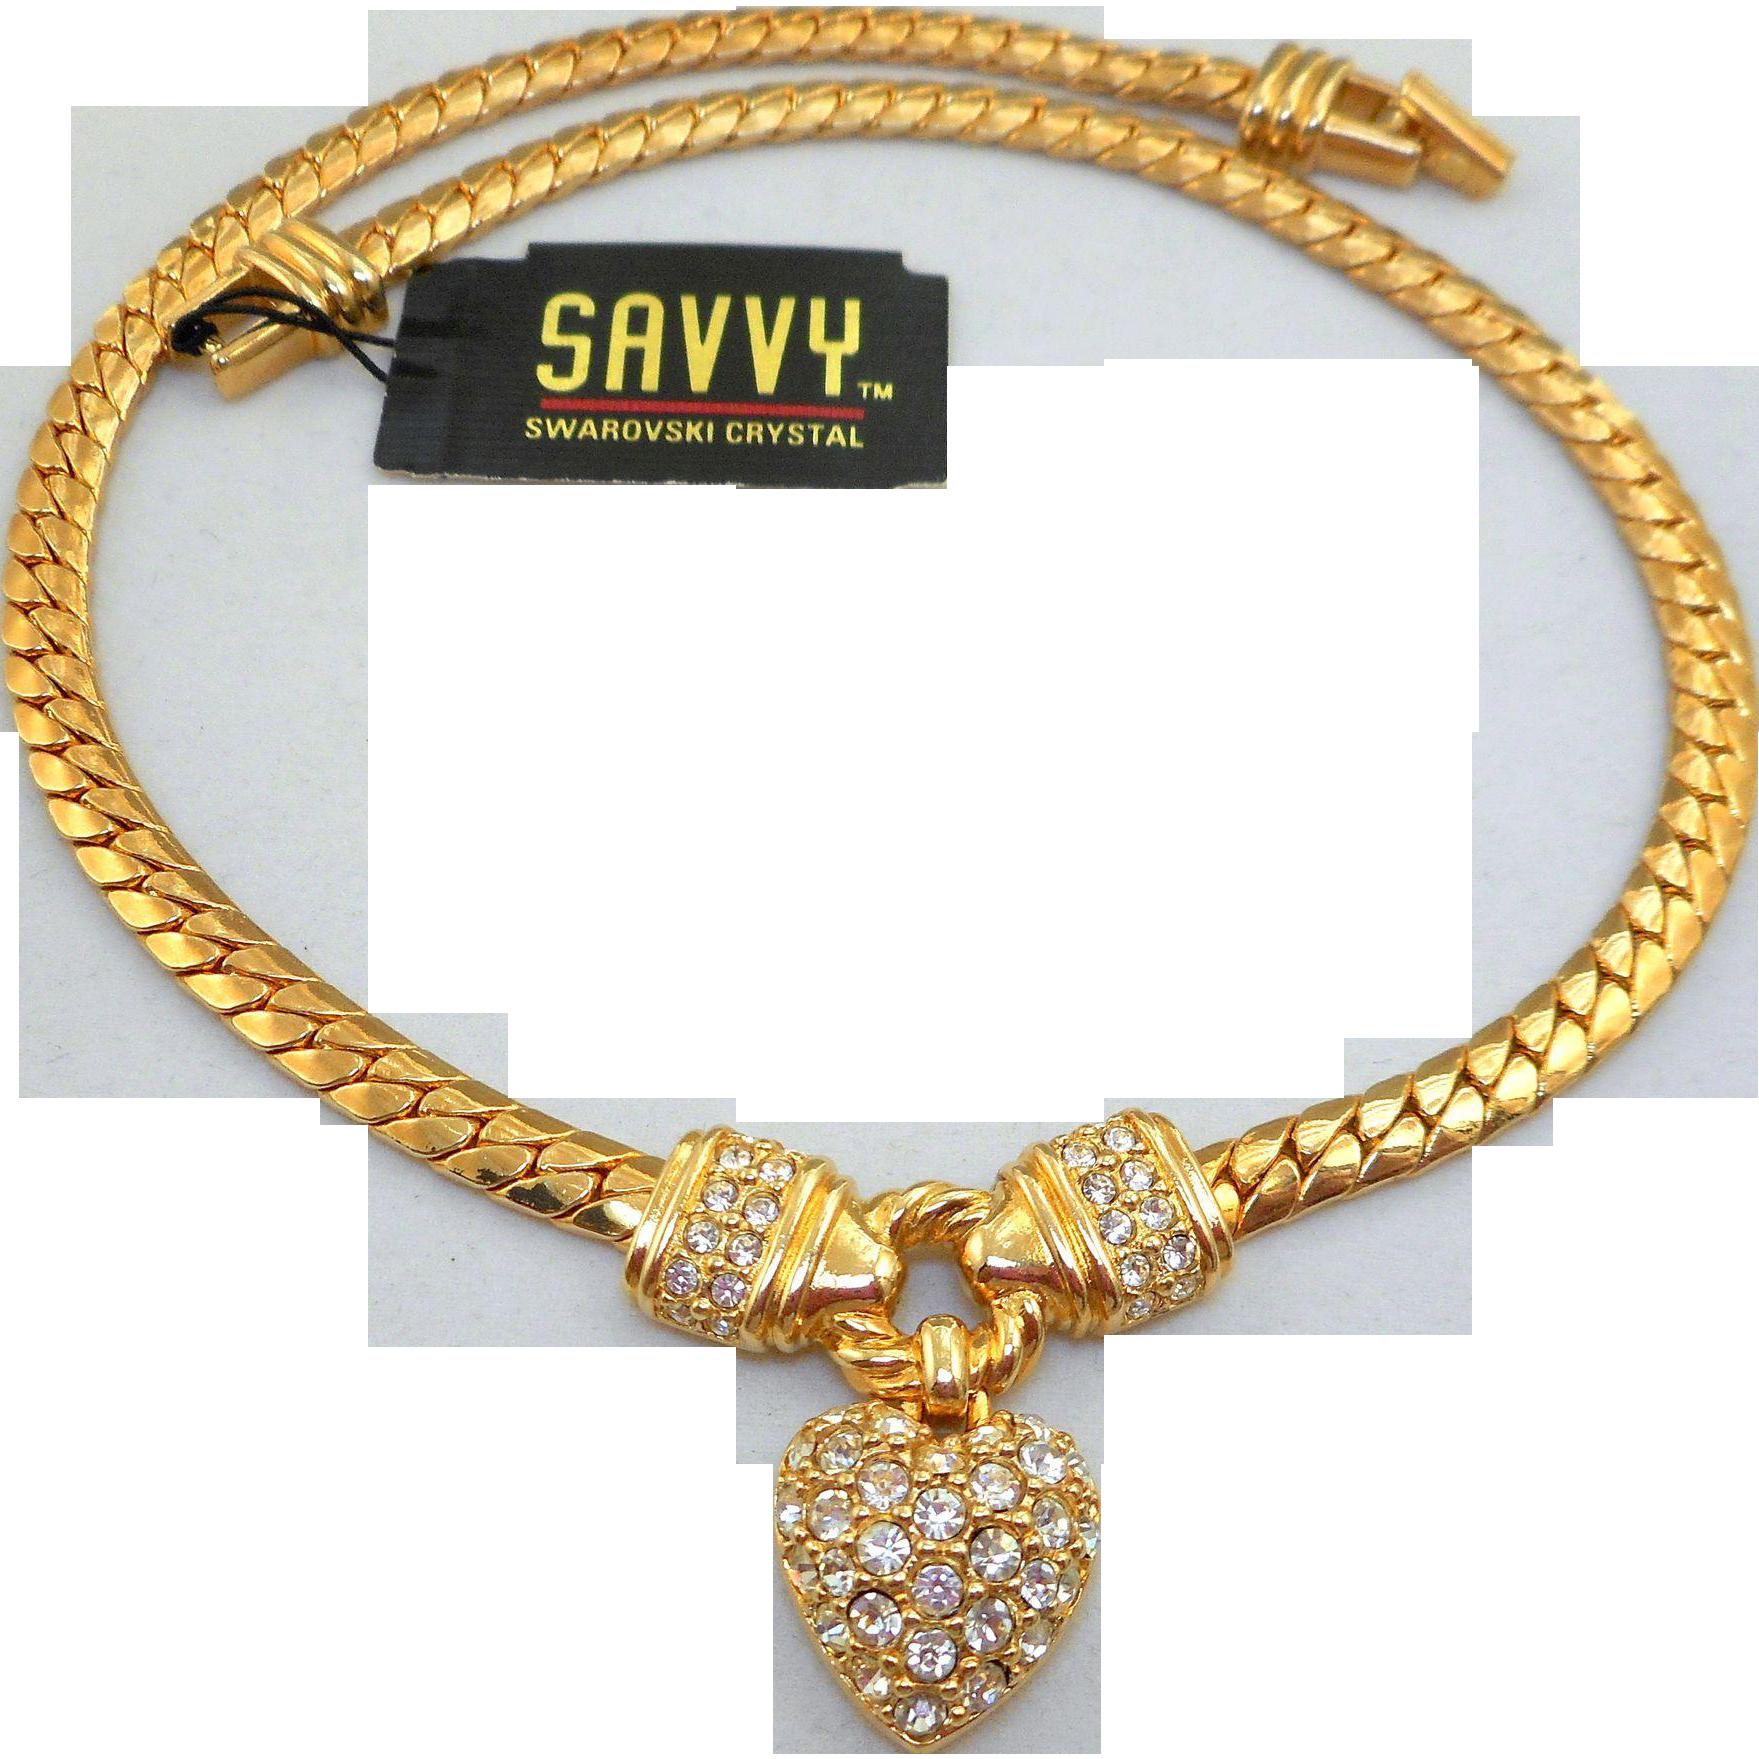 NOS Swarovski Savvy Heart Necklace